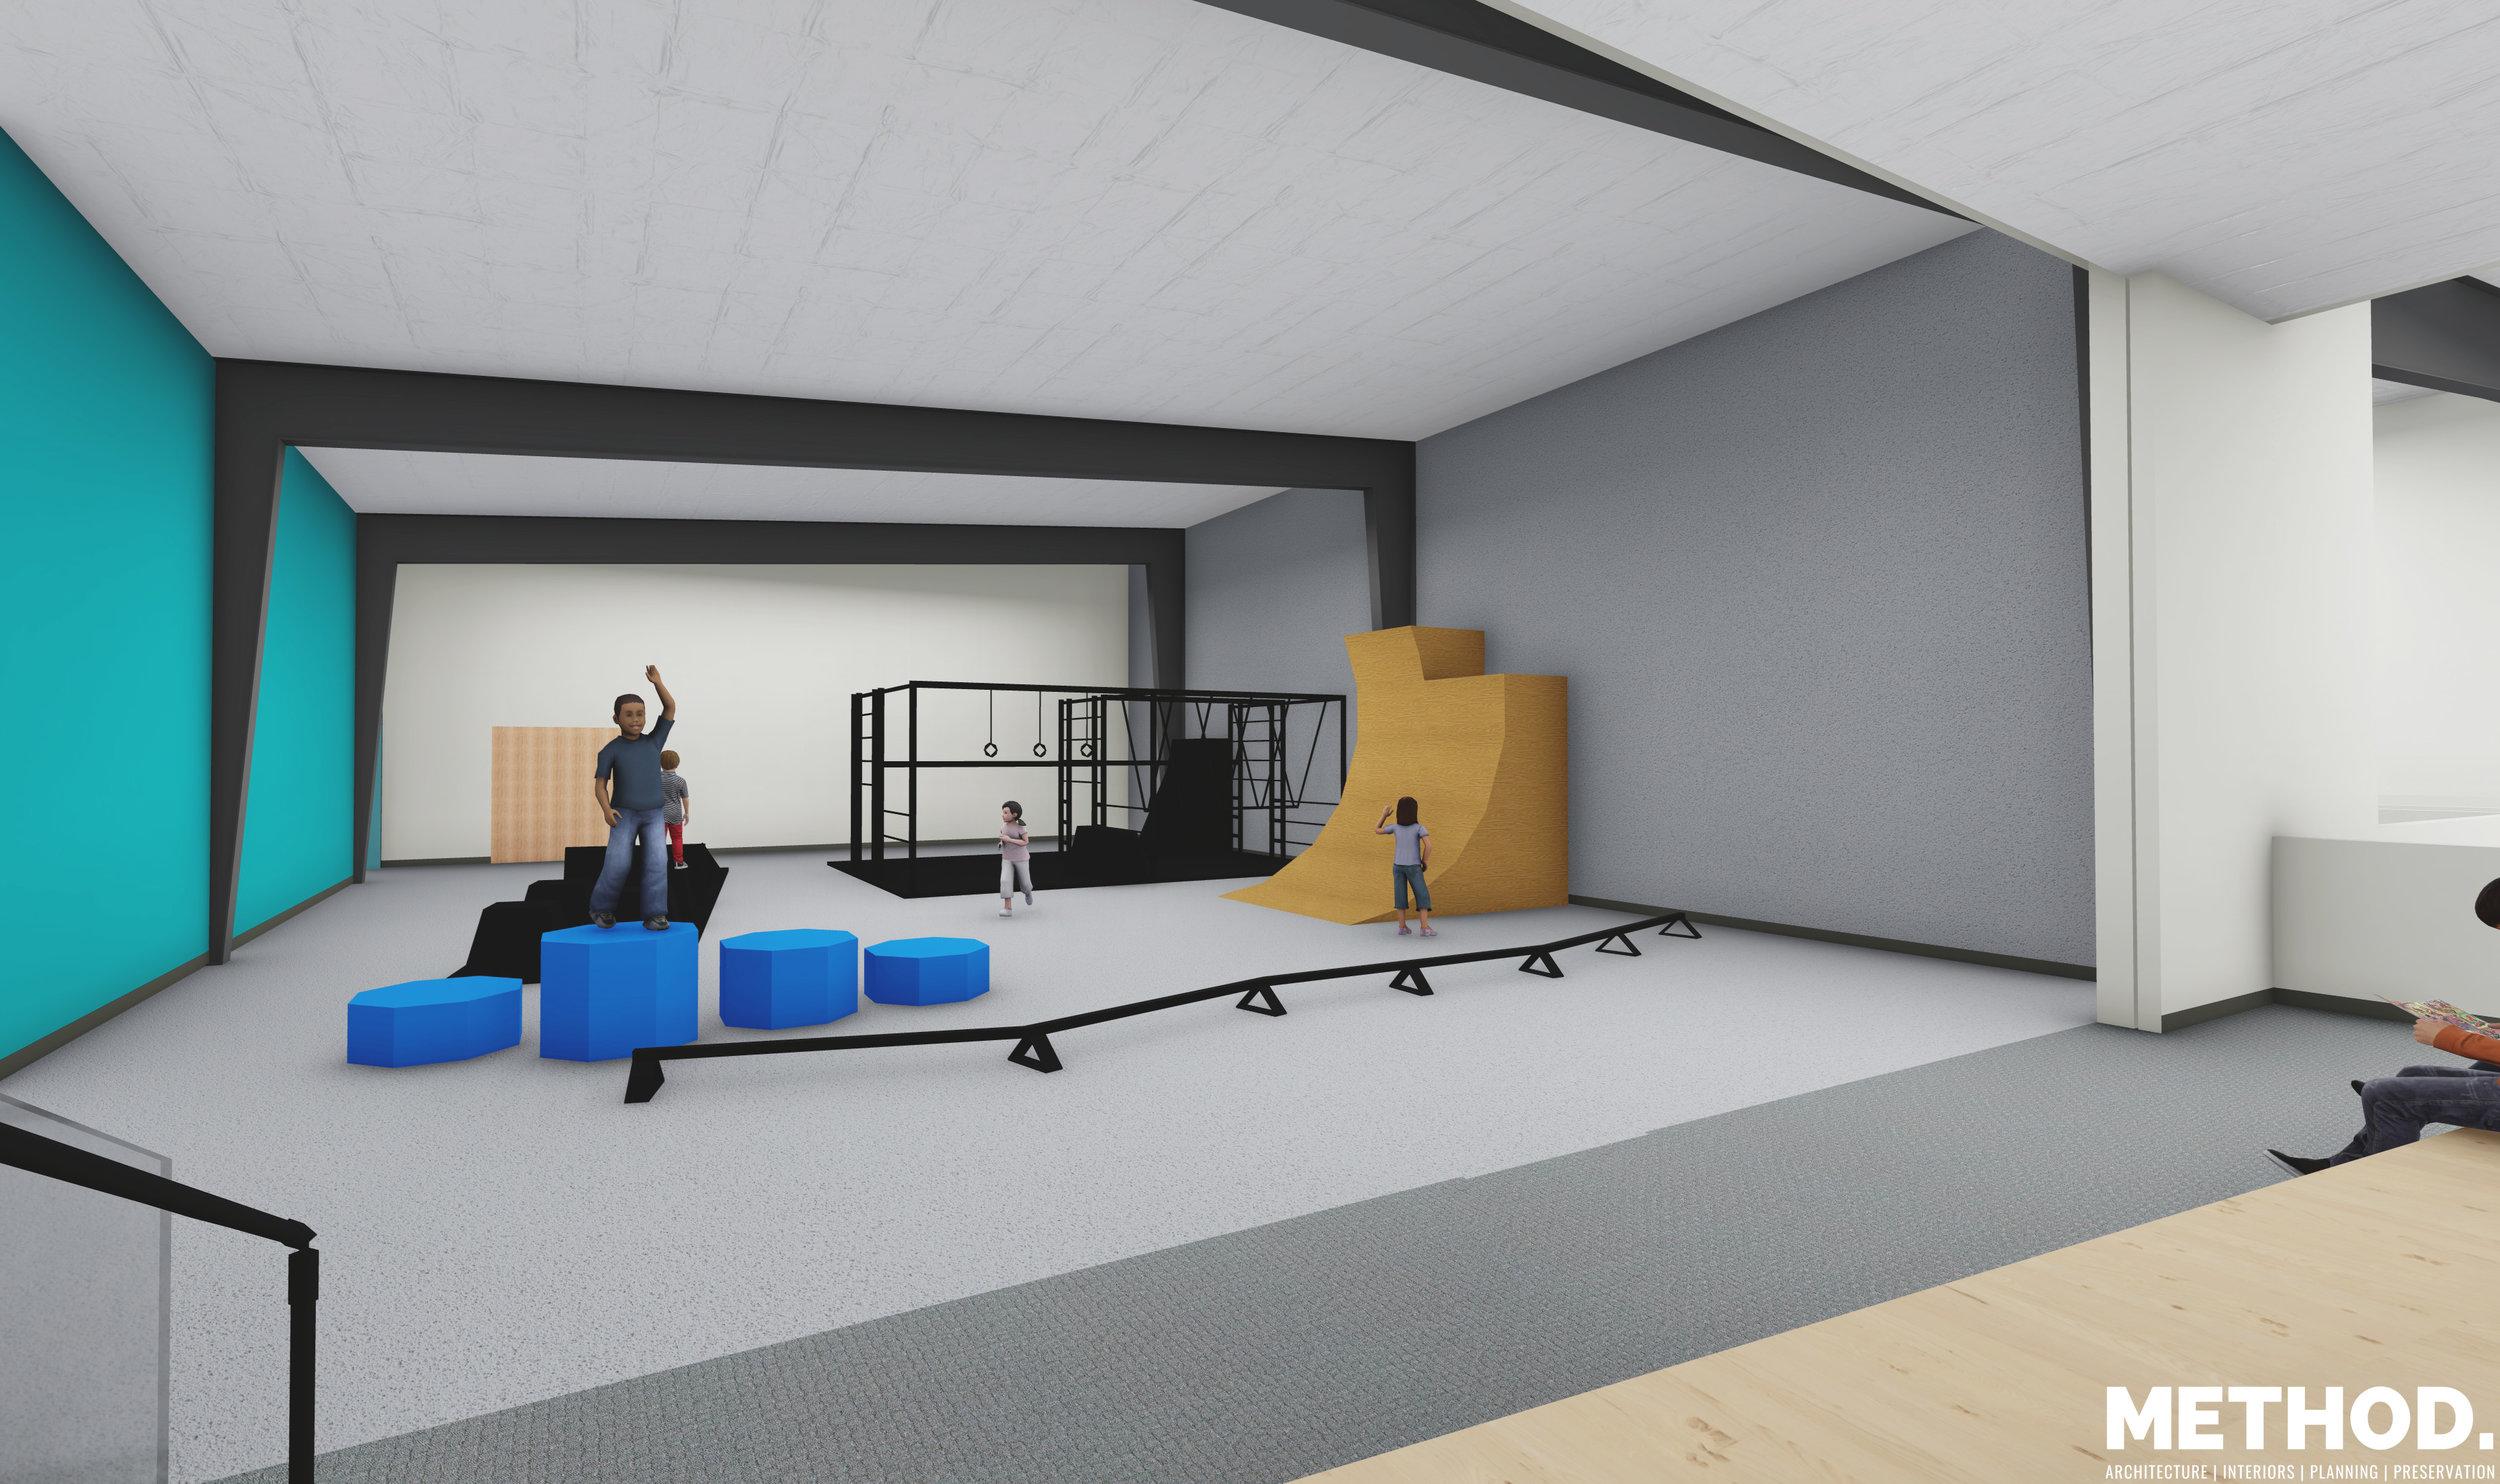 Ninja Room and Multipurpose Facility